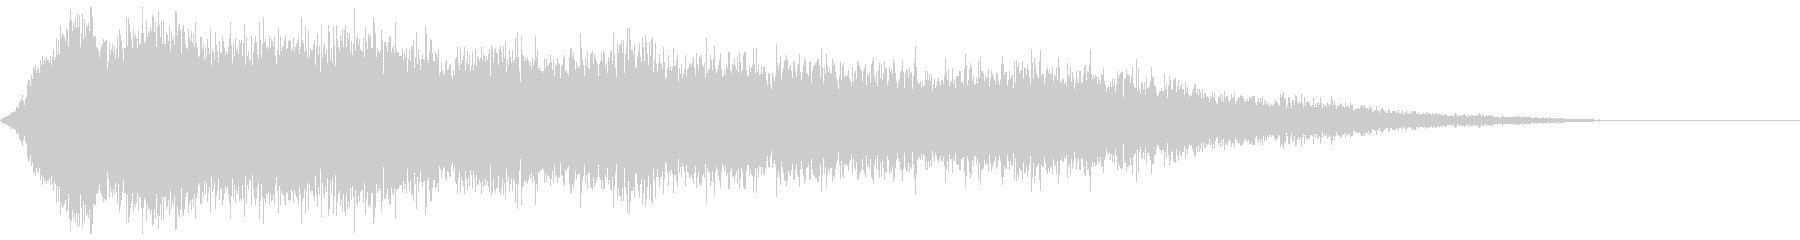 【アンビエント】ドローン_50 実験音の未再生の波形